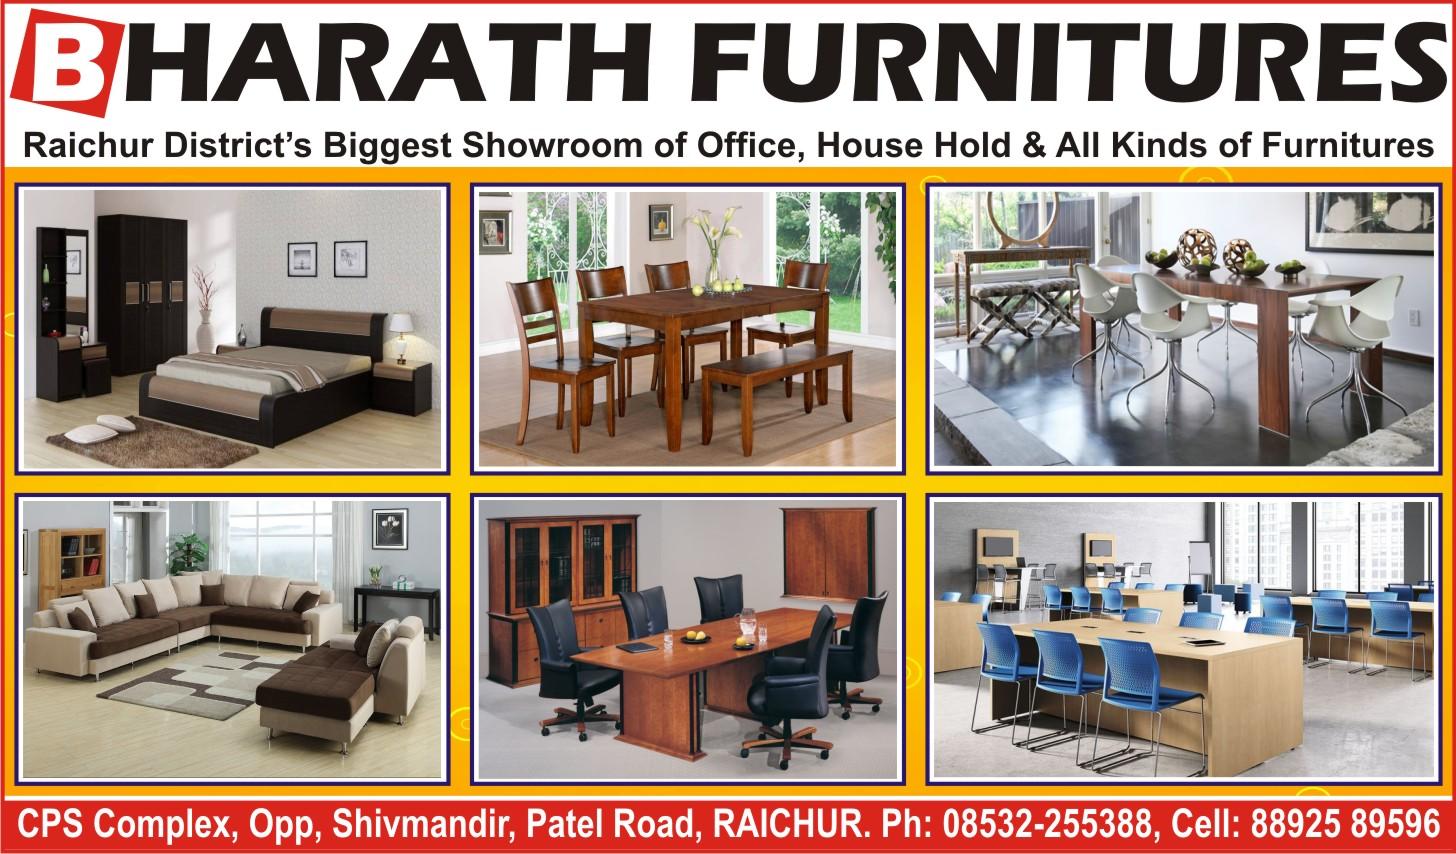 BHARATH FURNITURES